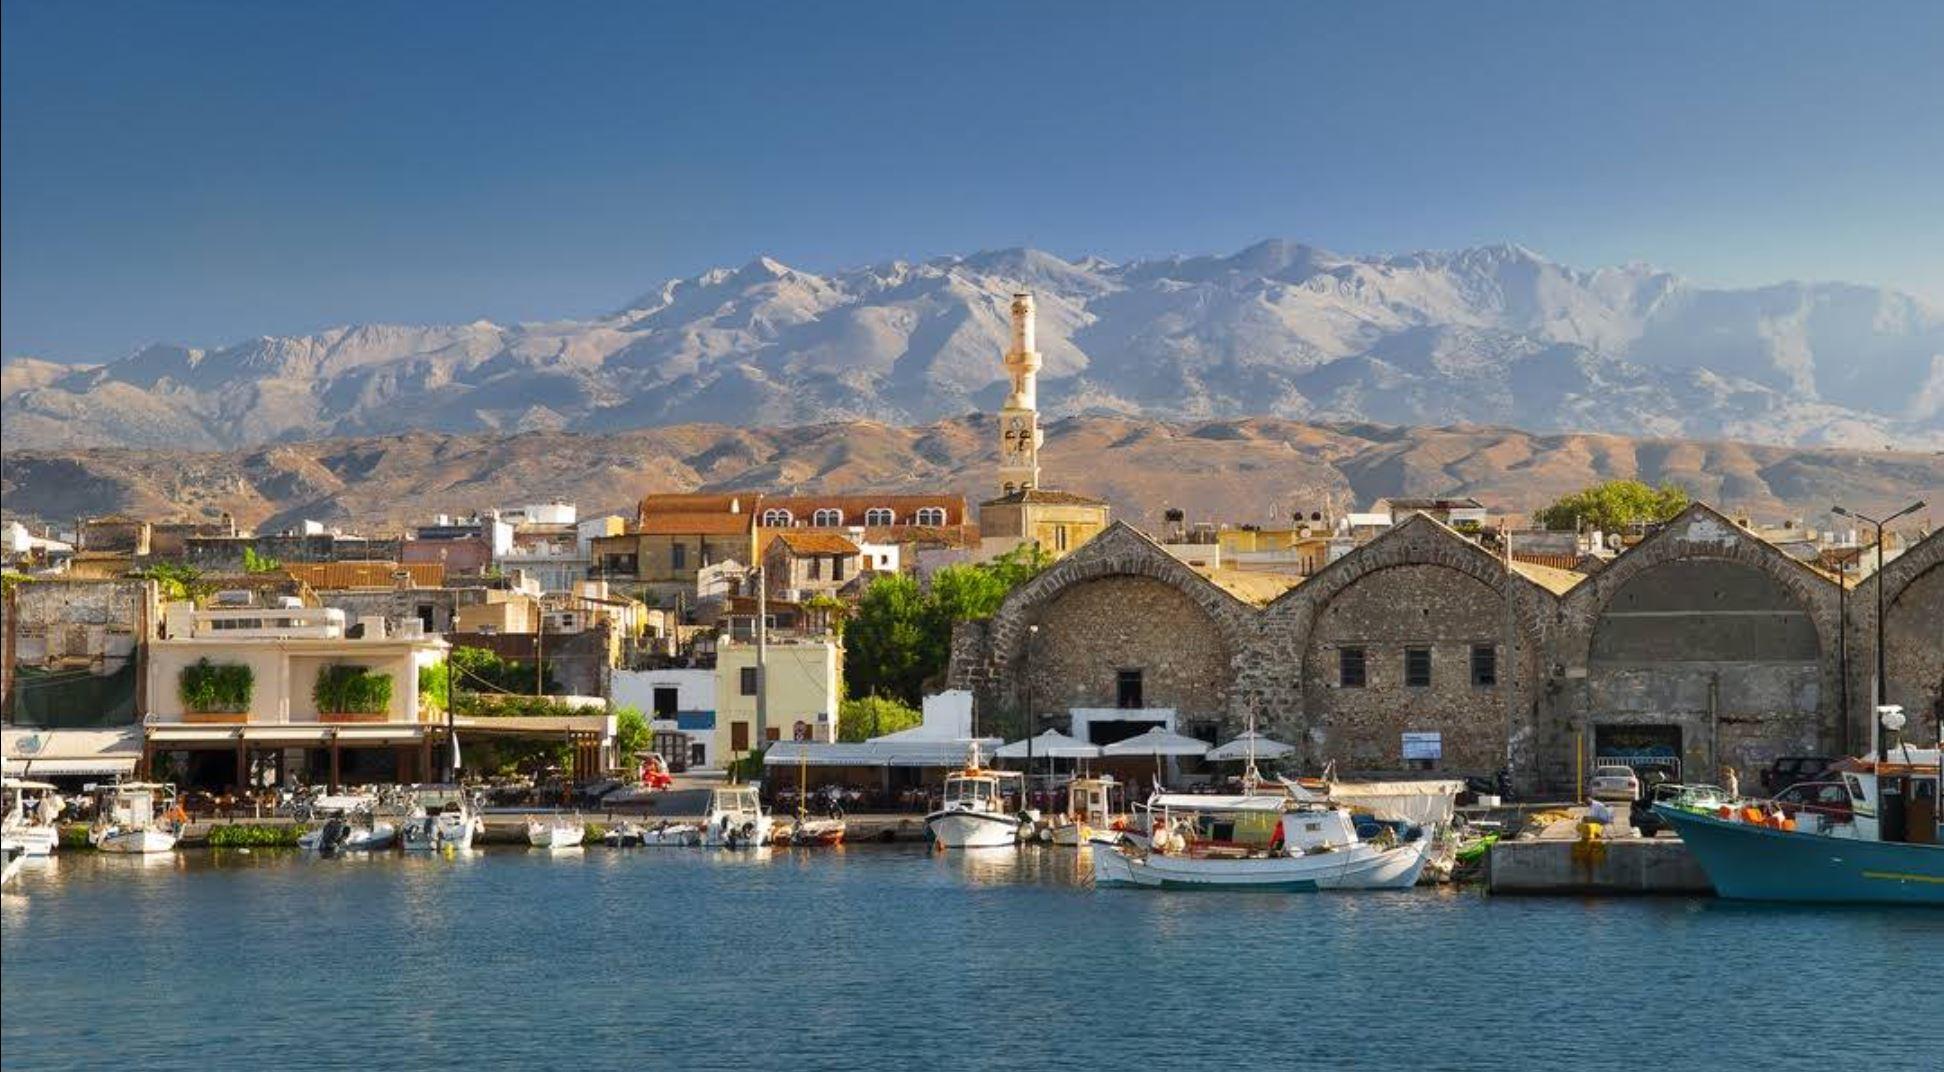 Hafen Chania auf Kreta - Griechenland